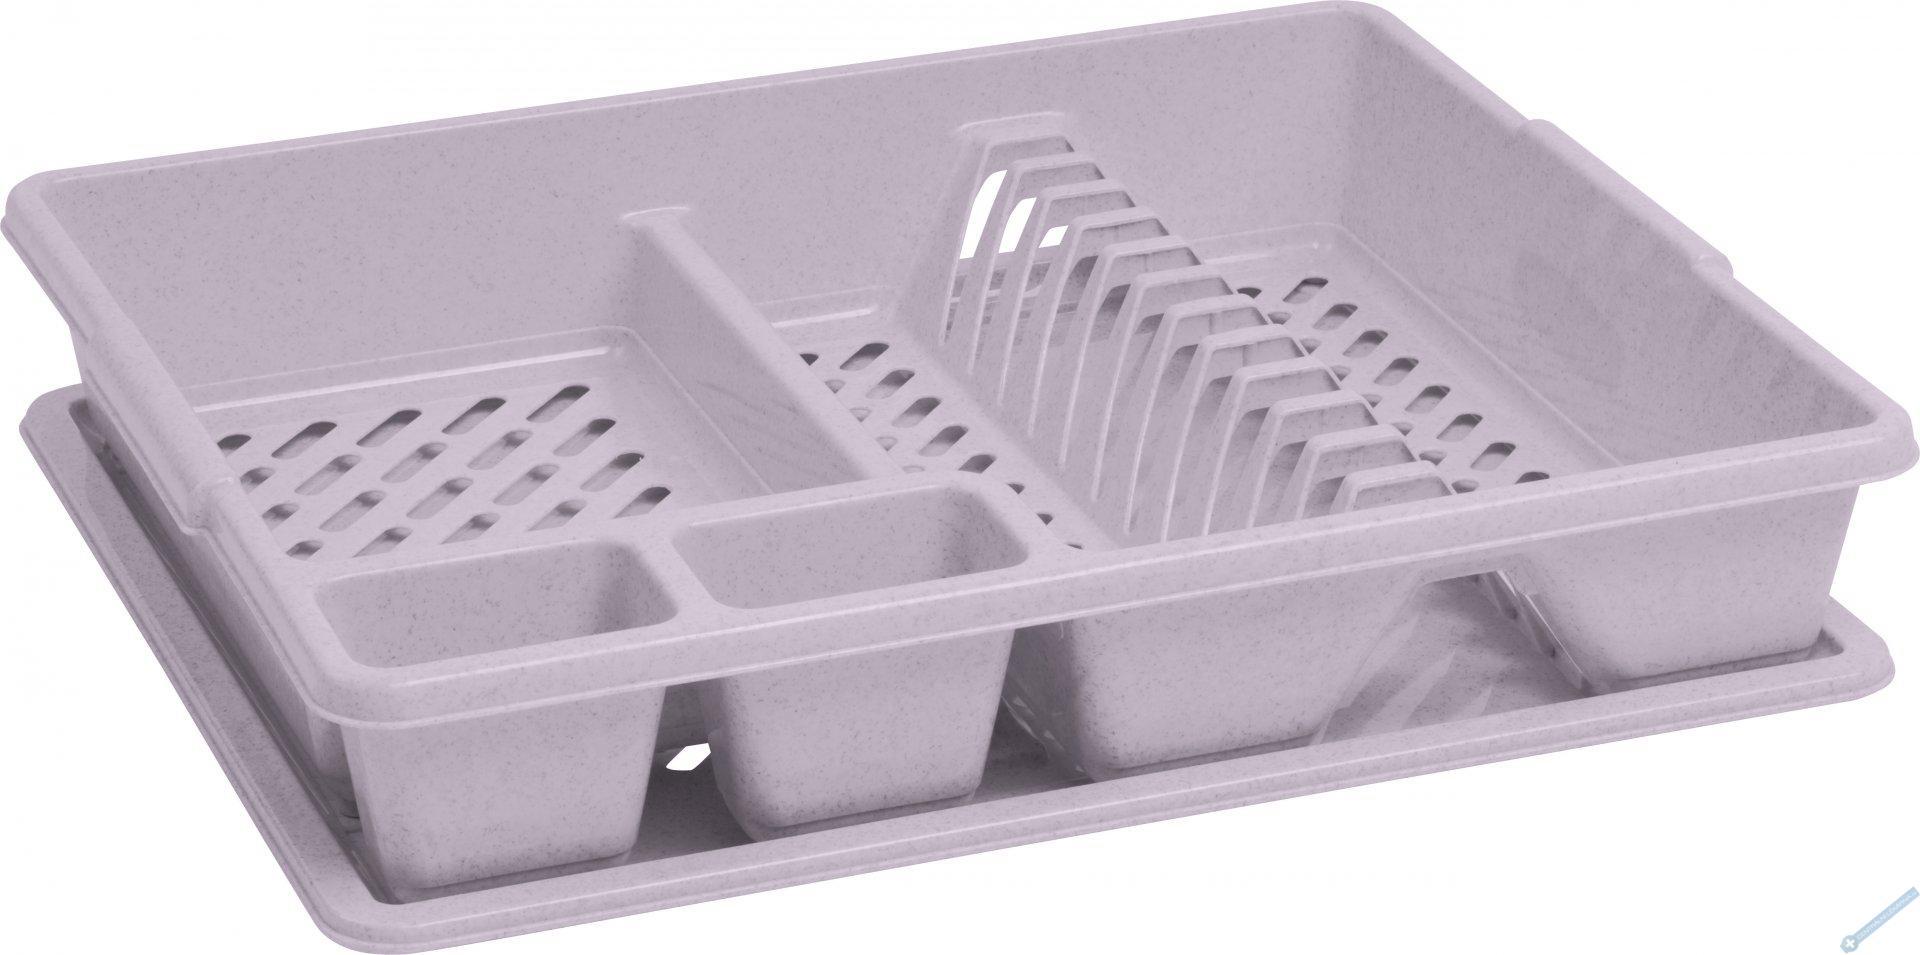 Odkapávač na nádobí savana